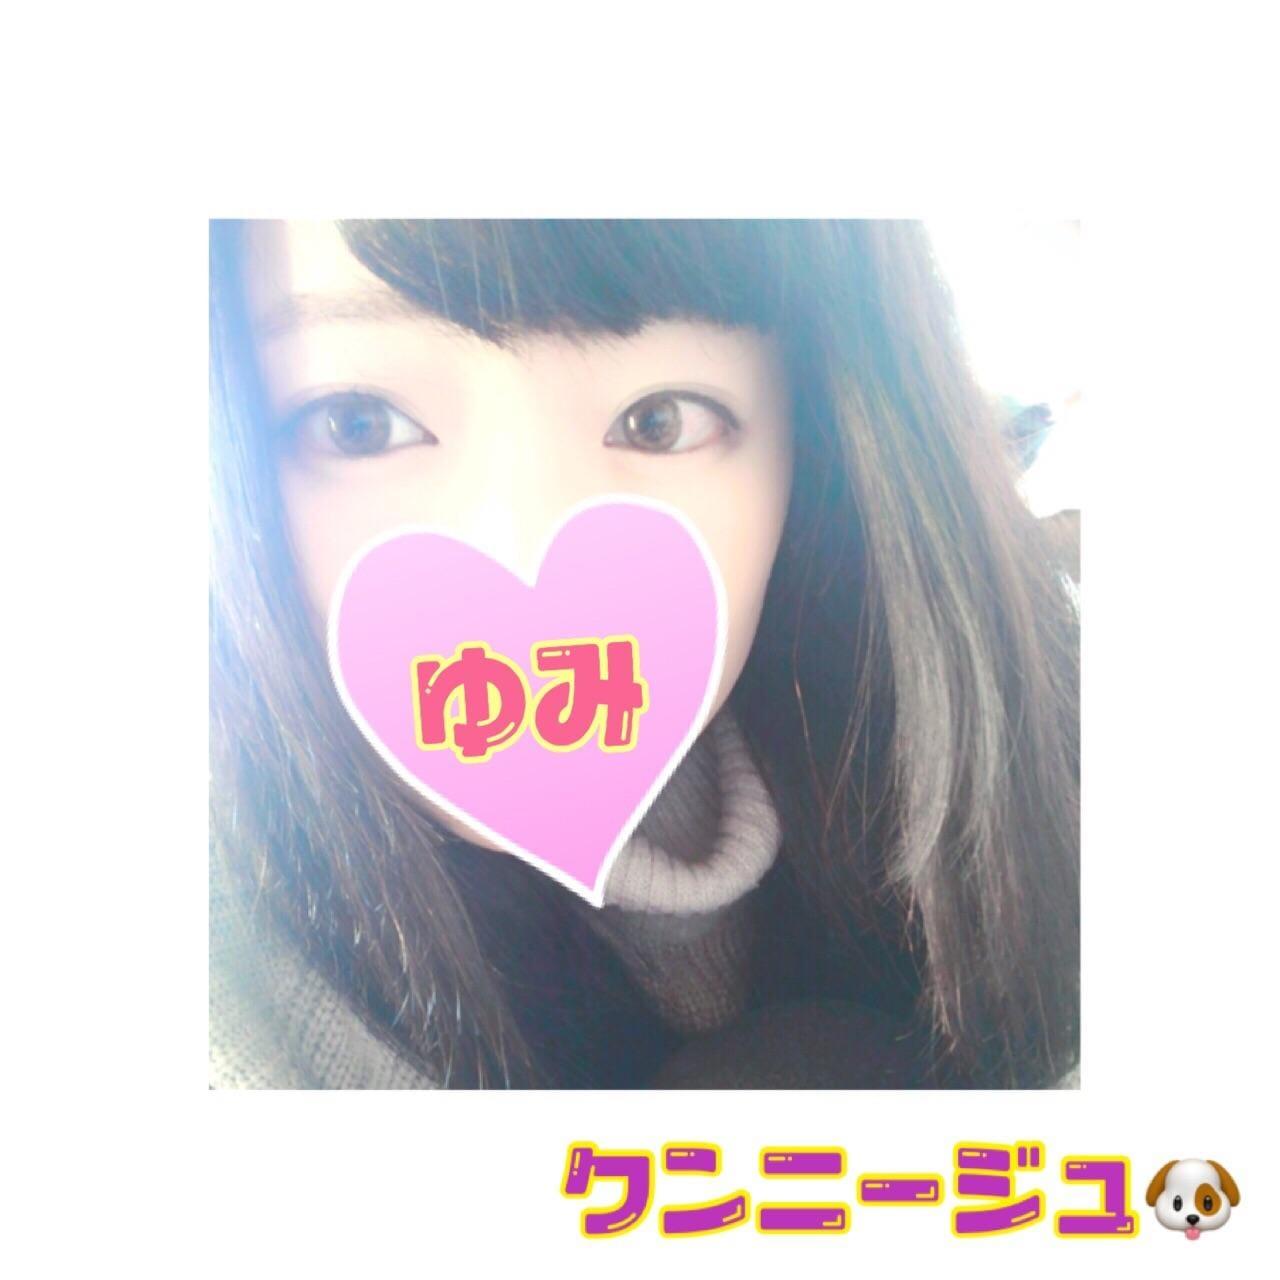 「さむーい」11/14日(水) 19:00 | ゆみの写メ・風俗動画